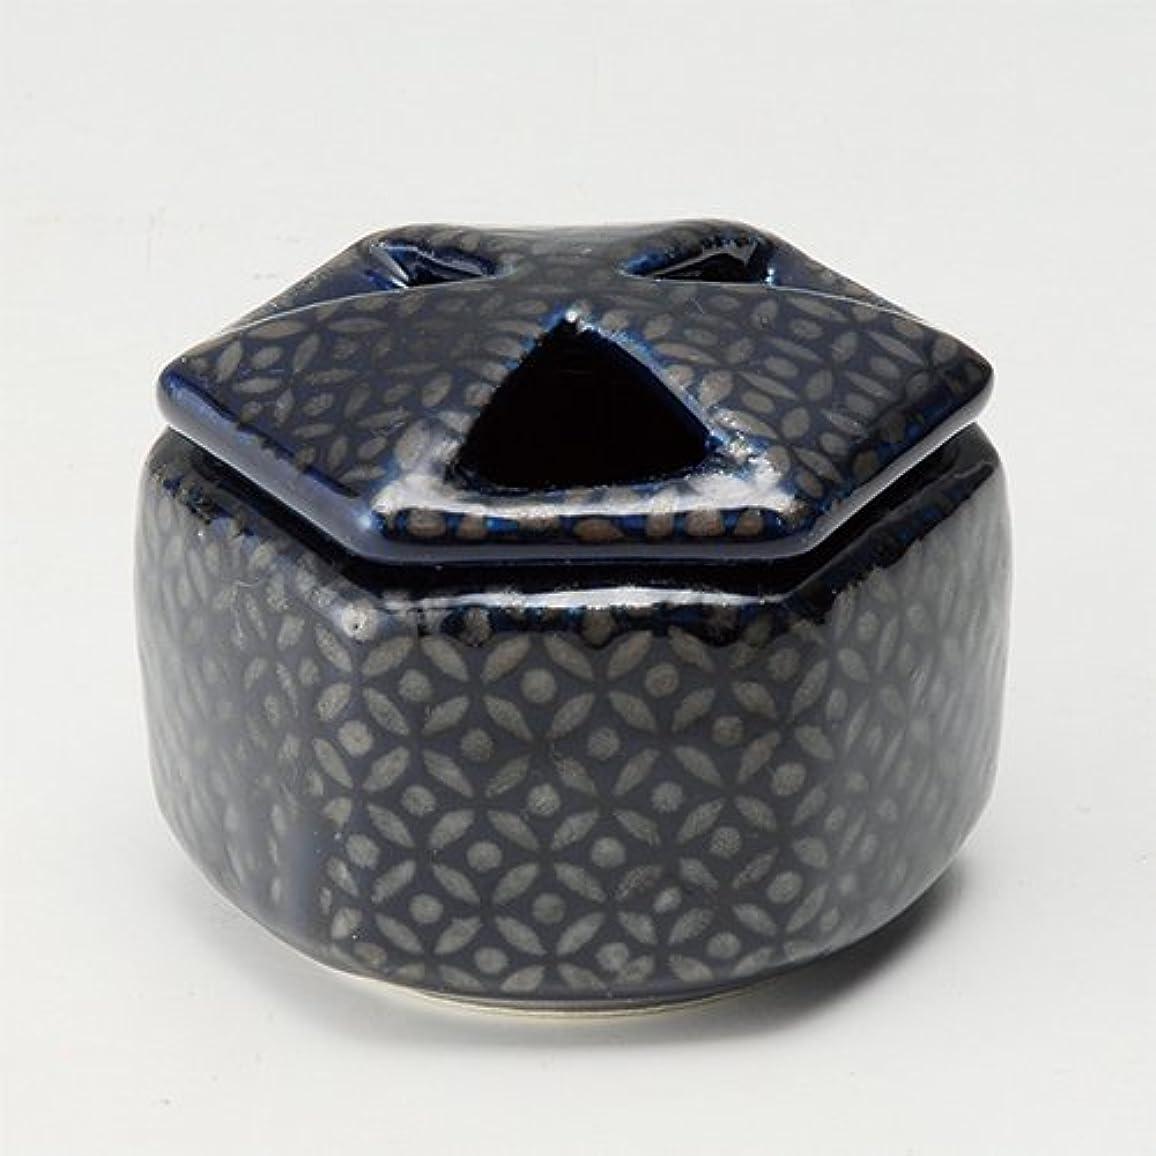 コール協力低下香炉 瑠璃七宝 六角香炉 [R8.8xH6.5cm] プレゼント ギフト 和食器 かわいい インテリア